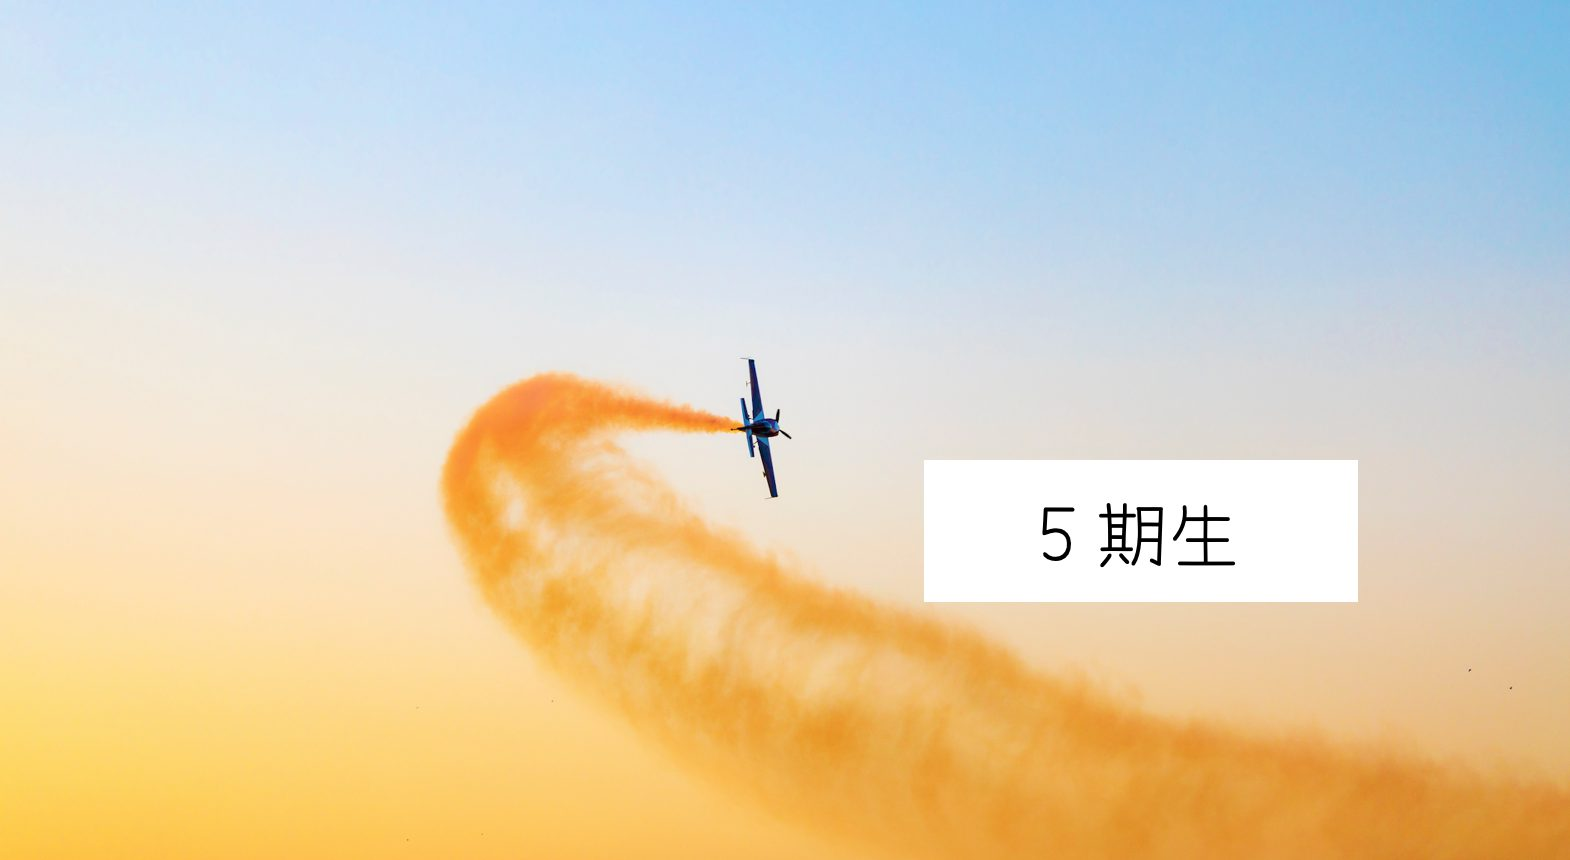 2020/12/4 5期生 文vs句